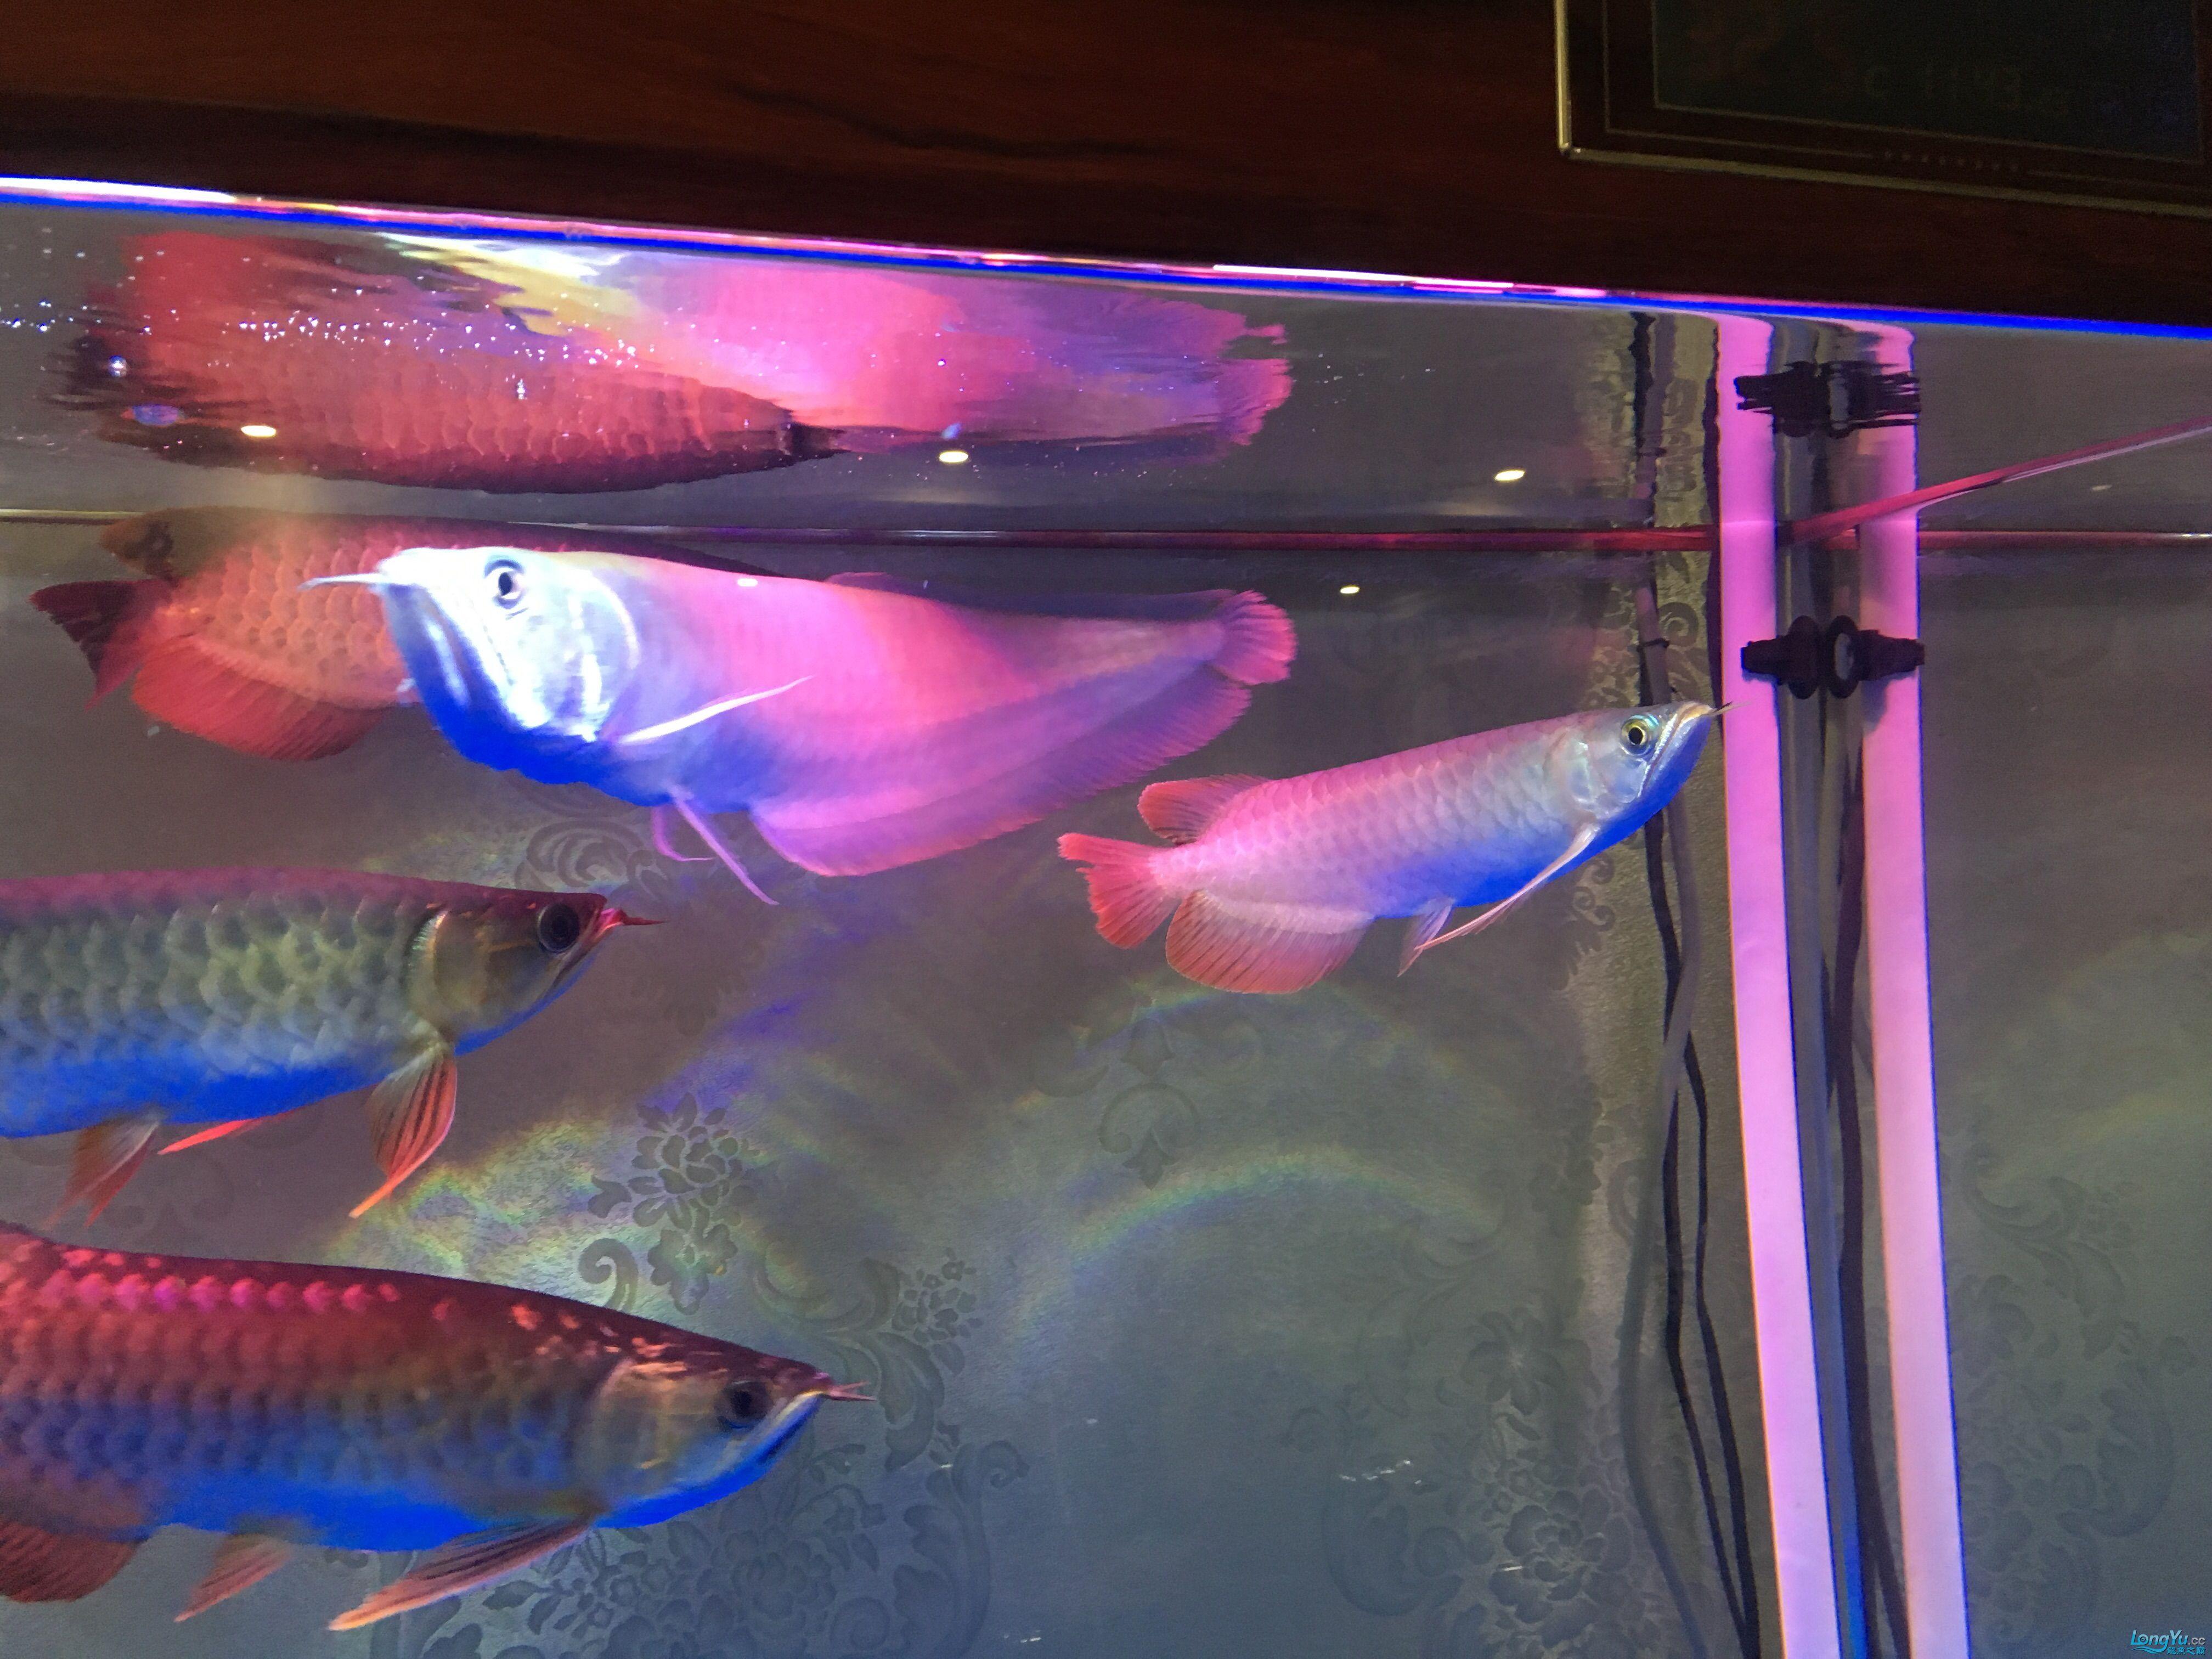 重庆黑鲳鱼价格那位鱼友给我看看龙的质量 重庆观赏鱼 重庆水族批发市场第2张